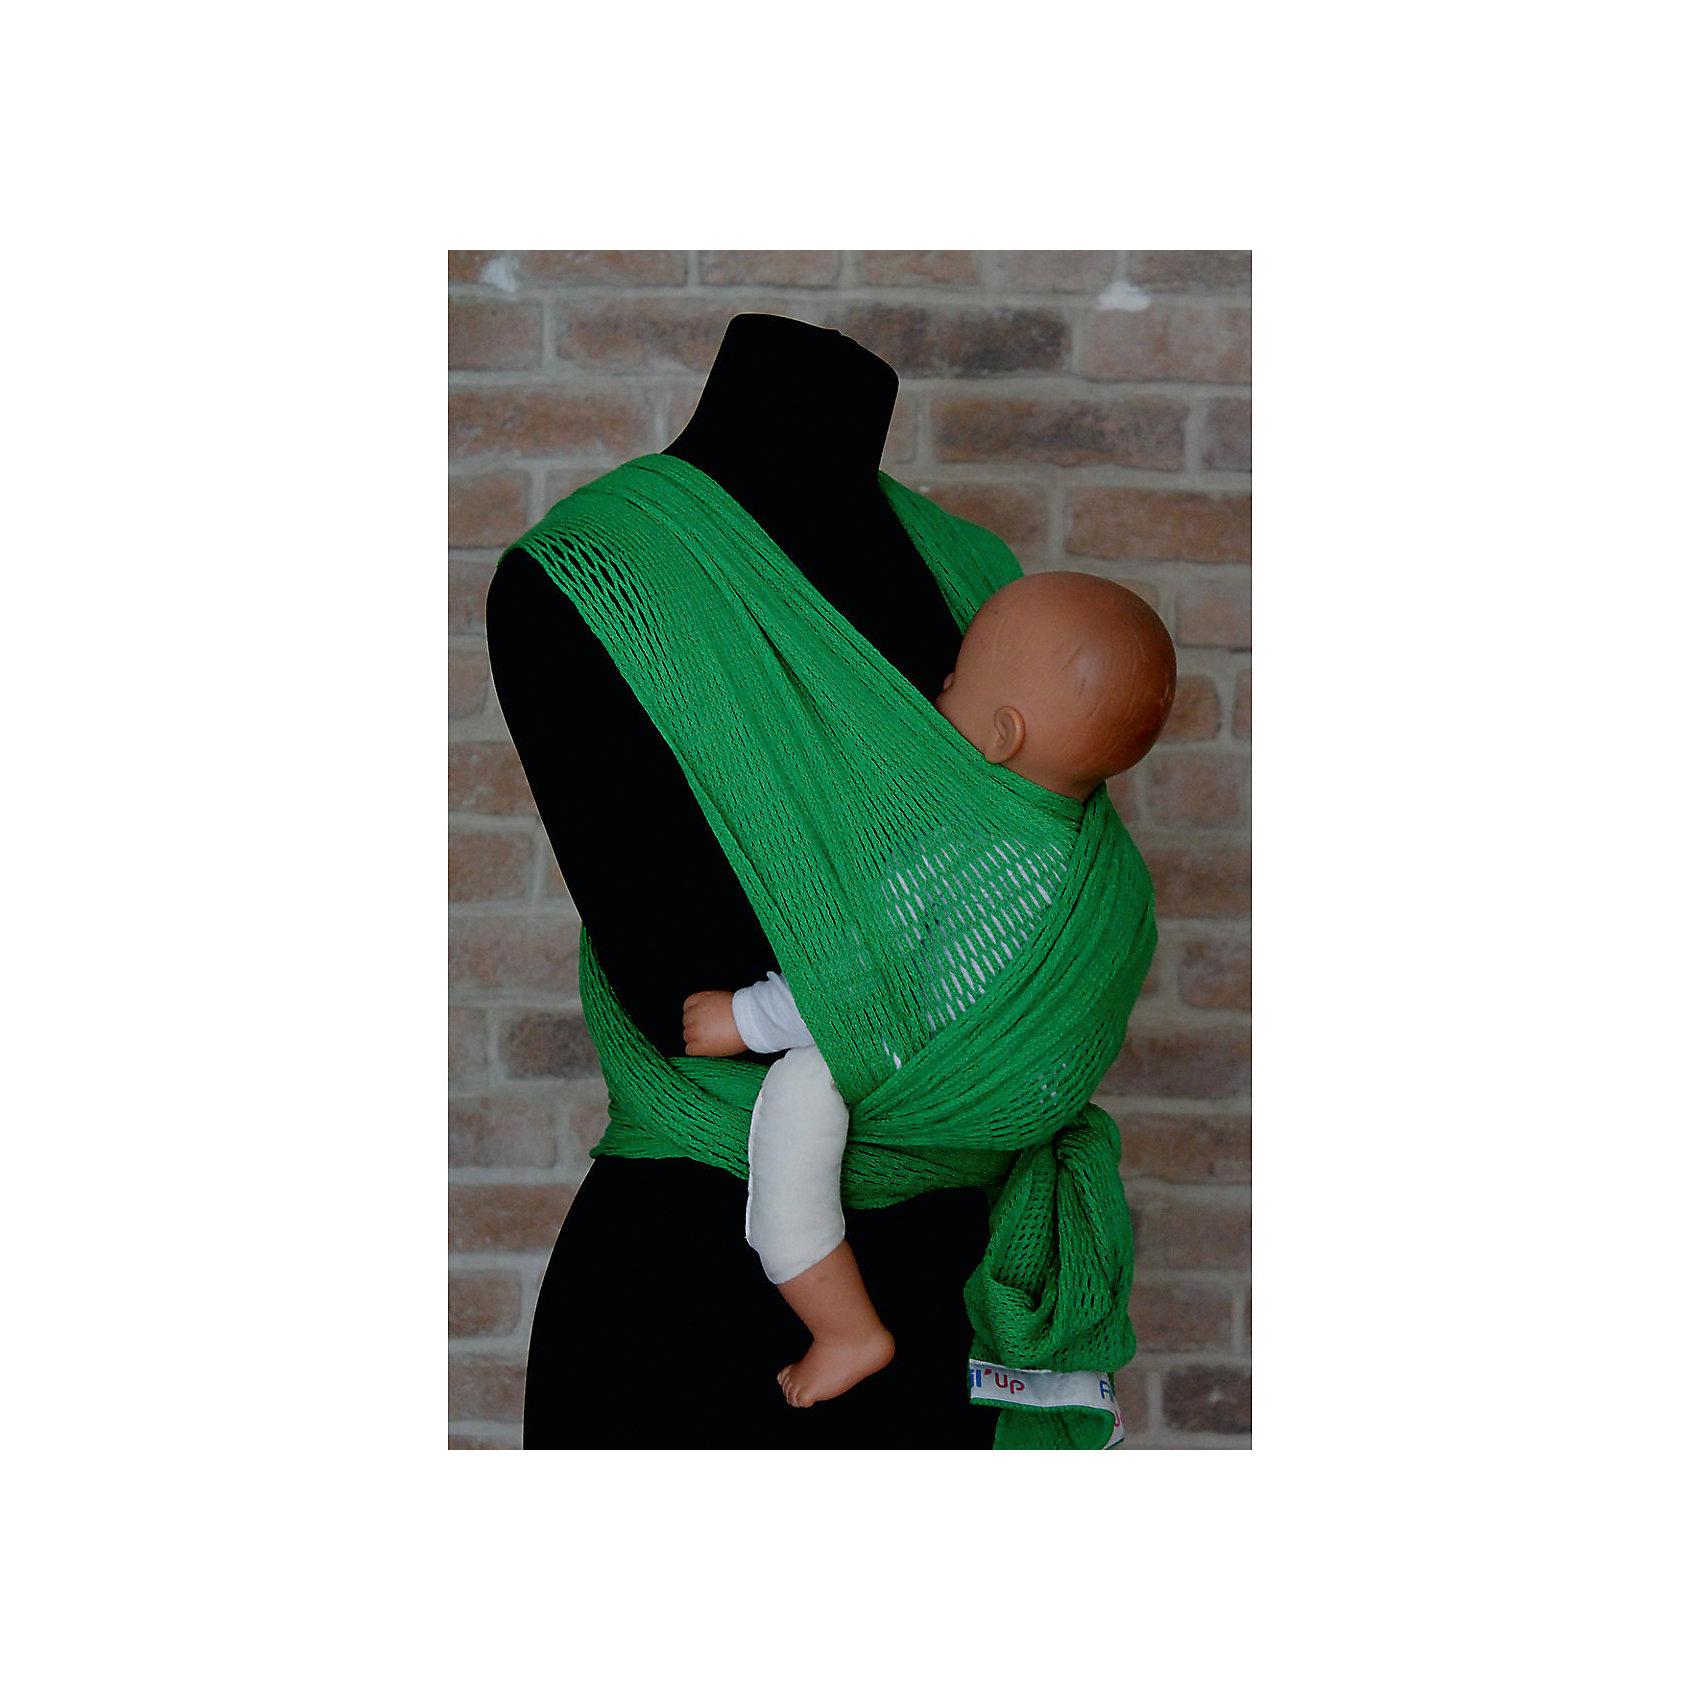 Слинг-шарф из хлопка плетеный размер l-xl, Филап, Filt, зеленыйСлинги и рюкзаки-переноски<br>Характеристики:<br><br>• разработан совместно с врачами-ортопедами;<br>• обеспечивает оптимальную поддержку ребенка;<br>• легко наматывается;<br>• два способа намотки: «простой крест» и «двойной крест»;<br>• равномерно распределяет нагрузку на спину;<br>• основное положение: лицом к маме;<br>• подходит для автоматической стирки при температуре 30 градусов;<br>• сумочка в комплекте;<br>• цвет: зеленый;<br>• материал: хлопок;<br>• возраст ребенка: 3 месяца-2 года (до 15 кг);<br>• размер слинга: 4,8х0,5 м;<br>• размер упаковки: 24х26х7 см;<br>• вес: 430 грамм;<br>• страна бренда: Франция.<br><br>Слинг-шарф FilUp - прекрасный вариант для любого сезона. Главная особенность модели - сетчатое плетение из натурального хлопка. Такой вид полотна не позволит ребенку перегреться за счет отсутствия дополнительного слоя ткани, свойственного для обычных слингов.<br><br>Возможны три положения ребенка в слинге: лицом к маме, на боку и за спиной. Полотно слинг-шарфа легко растягивается и обладает необходимой упругостью для правильной посадки ребенка.<br><br>Концы слинга сделаны более узкими, чтобы вы могли убрать лишнюю ткань. Средняя, более широкая часть поддерживает ножки ребенка в позе «лягушки», что немаловажно для правильного развития тазобедренных суставов. <br><br>Слинг-шарф подходит для ручной и автоматической стирки при температуре 30 градусов.Длина полотна - 4,8 метра. Ширина полотна - 0,5 метра. Подходит для детей от 3-4-х месяцев до 1,5-2-х лет (весом до 15 килограммов).В комплект входит сумочка-авоська, которая подойдет для бутылочек, салфеток и прочих необходимых предметов.<br><br>Слинг-шарф из хлопка плетеный размер l-xl, Филап, Filt (Филт), зеленый можно купить в нашем интернет-магазине.<br><br>Ширина мм: 800<br>Глубина мм: 800<br>Высота мм: 50<br>Вес г: 500<br>Возраст от месяцев: 0<br>Возраст до месяцев: 12<br>Пол: Унисекс<br>Возраст: Детский<br>SKU: 5445095